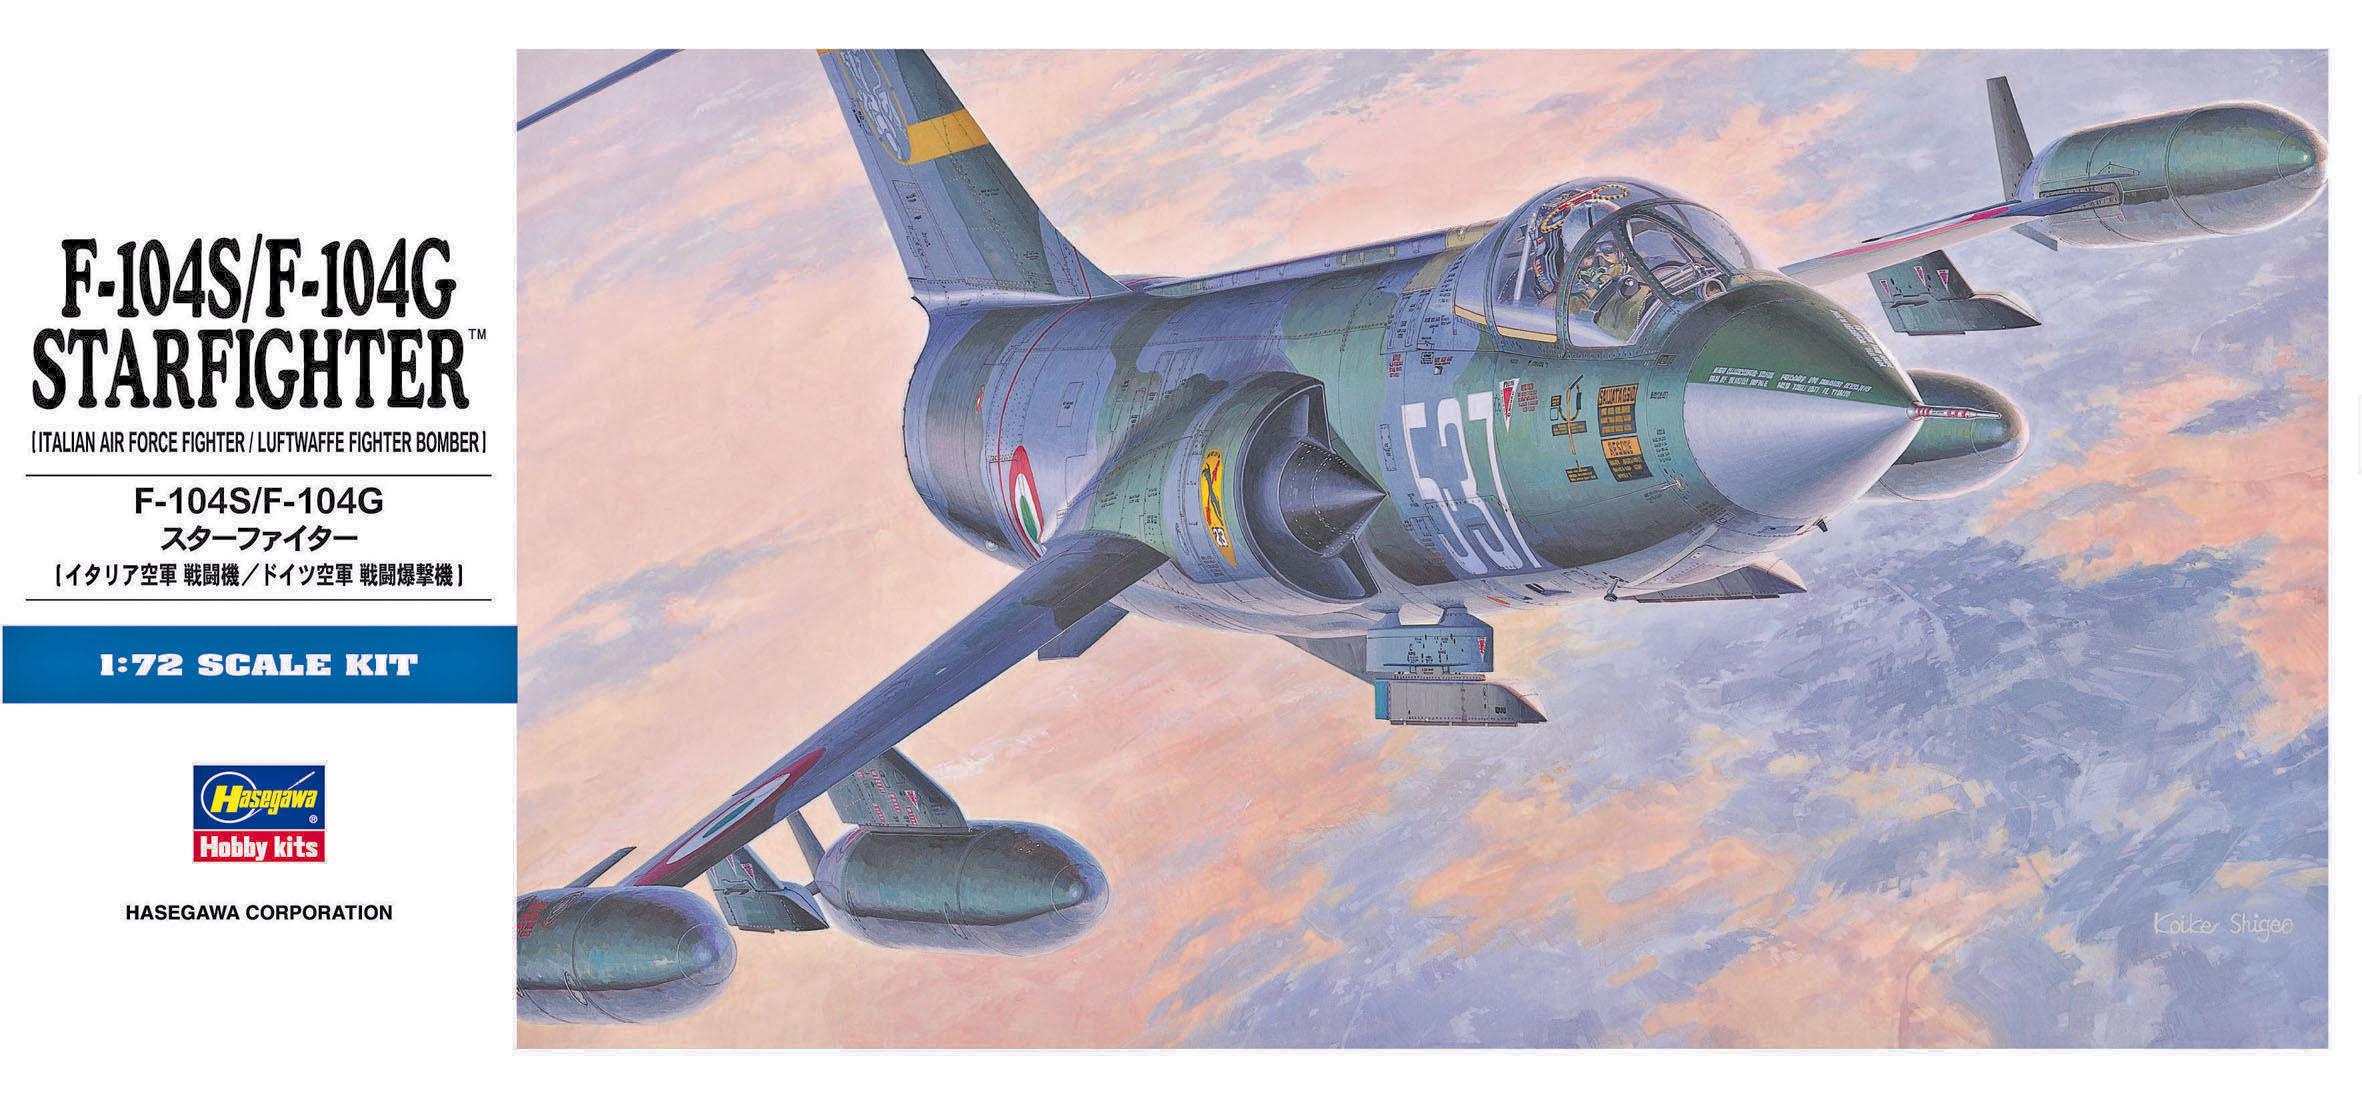 Hasegawa 1/72 F-104S/F-104G Star Fighter (Italian/Luftwaffe) D17